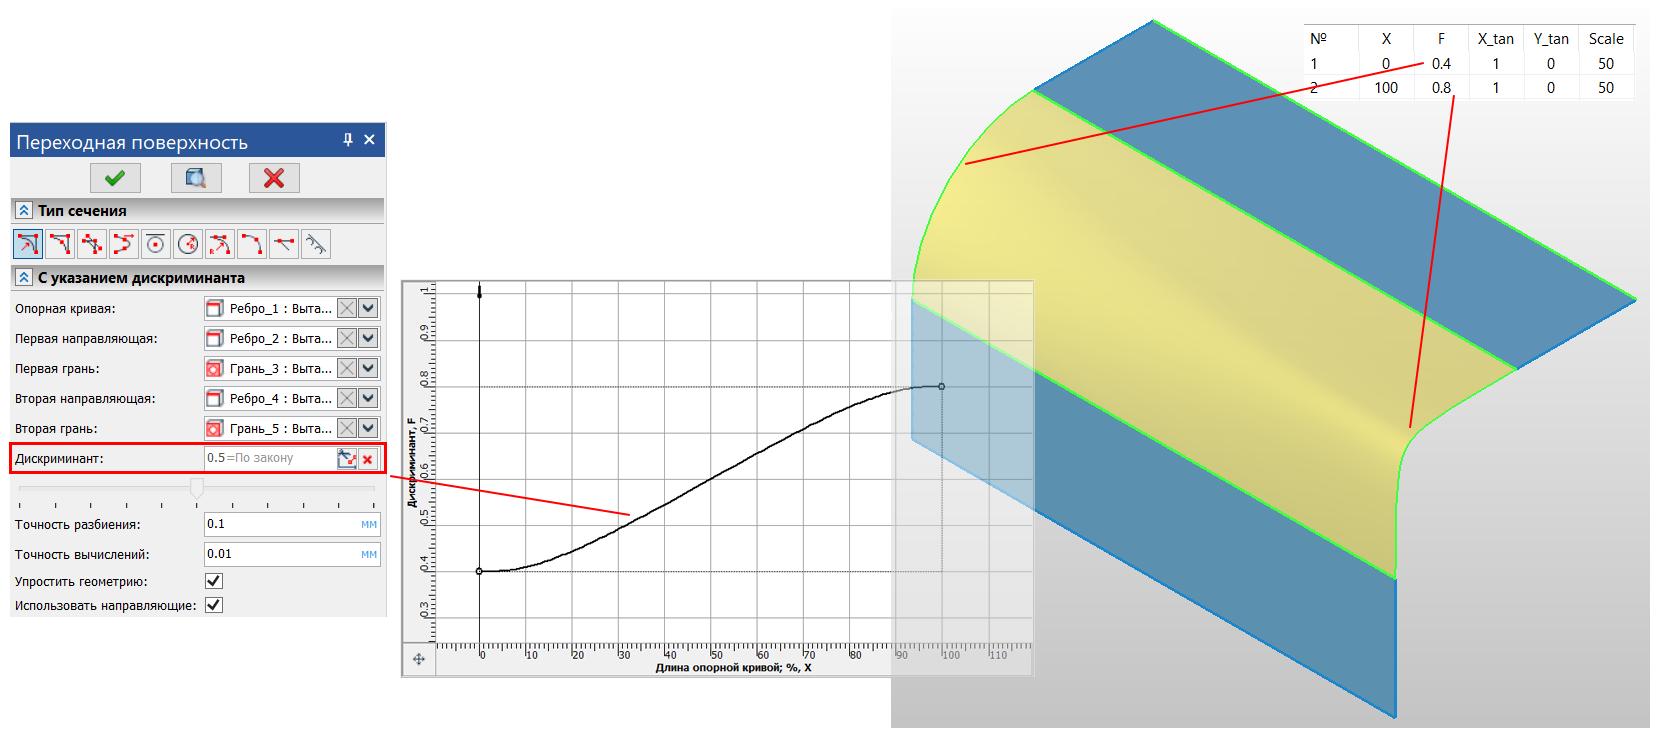 Рисунок 4. Поверхность, заданная графиком дискриминанта в диапазоне (0.4; 0.8)